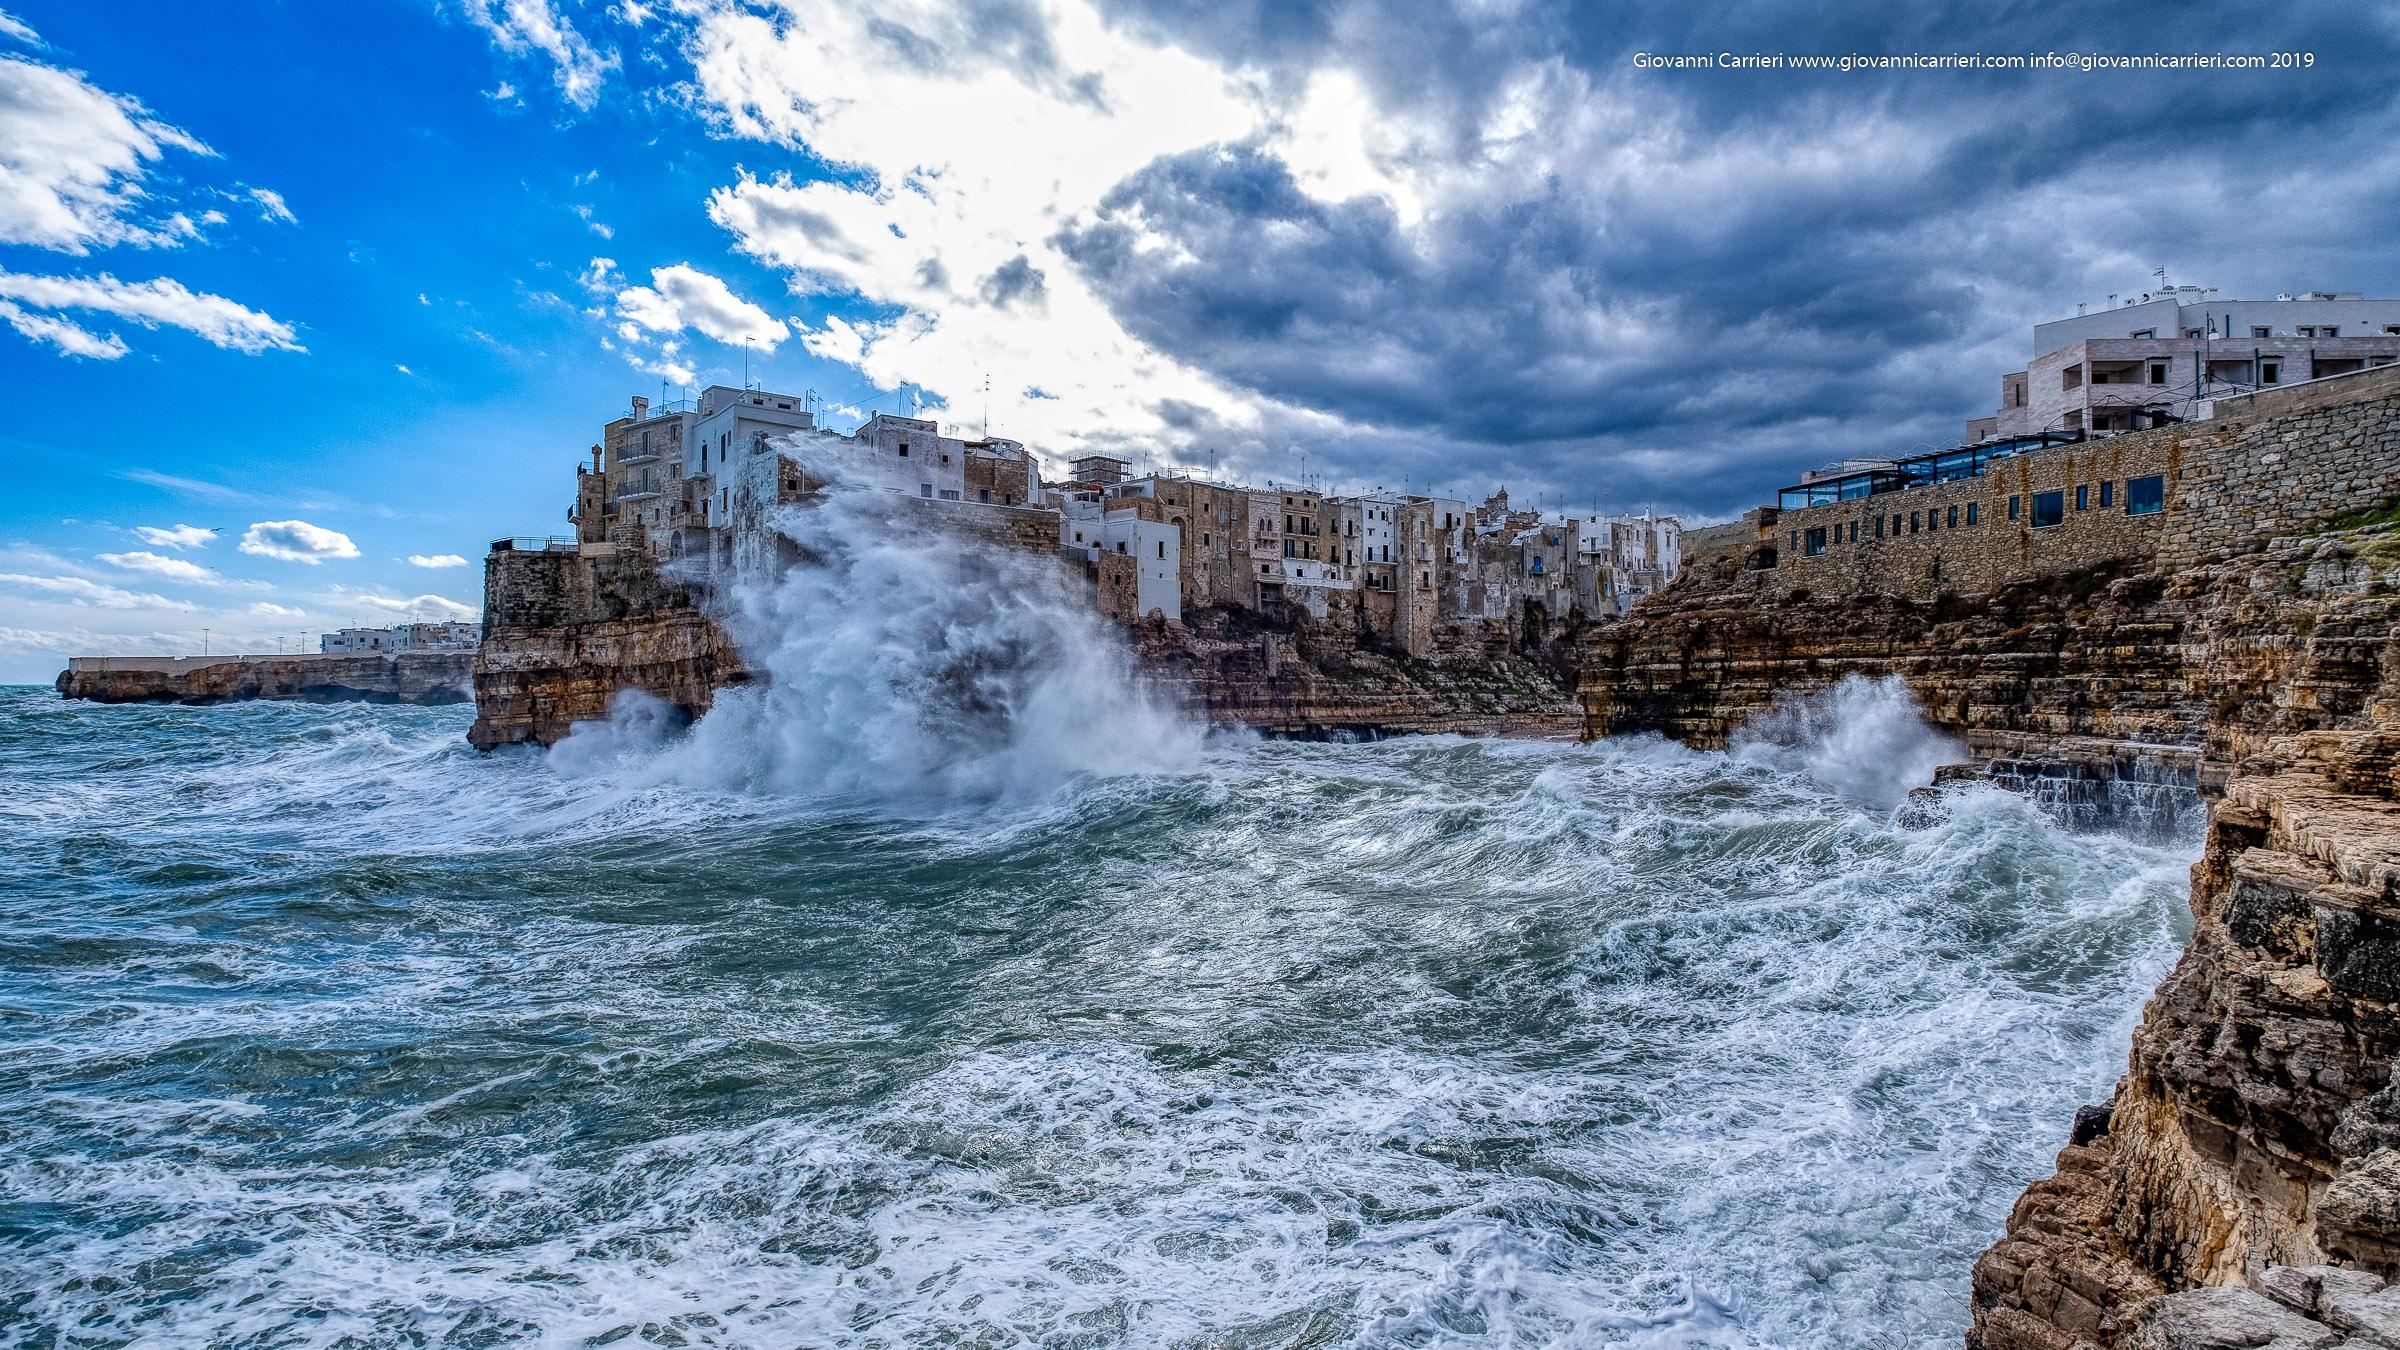 Il mare agitato su Cala Monachile